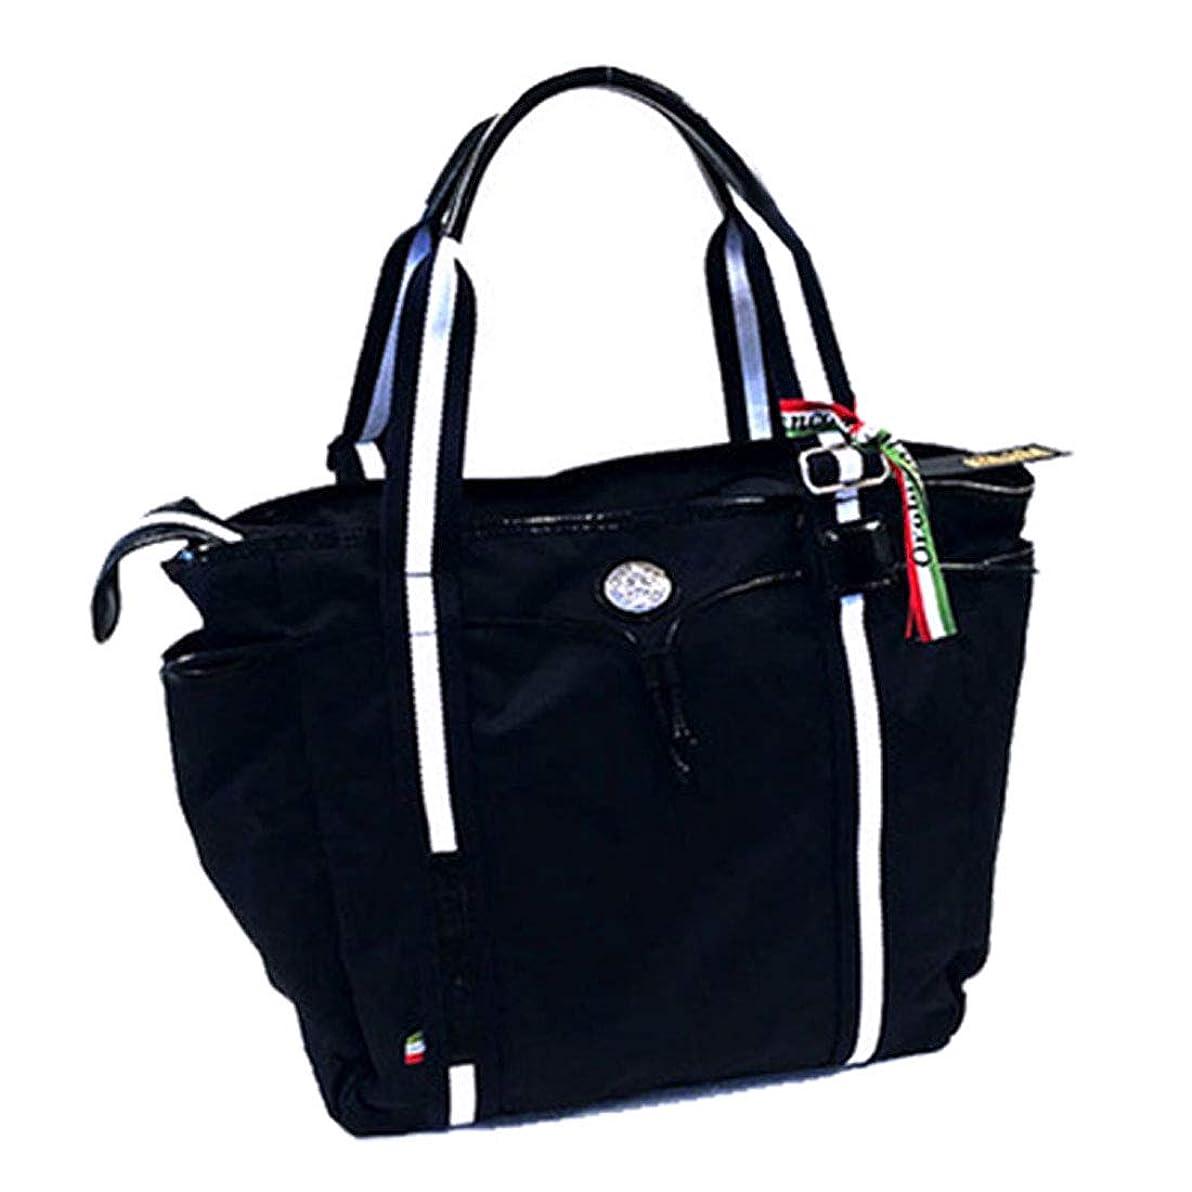 人形用量保証(オロビアンコ)Orobianco ARINNA-C アリンナ NYLON/OLI-ZEUS ナイロン 保存袋付き ユニセックス トートバッグ メンズ バッグ レディース バッグ カバン かばん ブランド